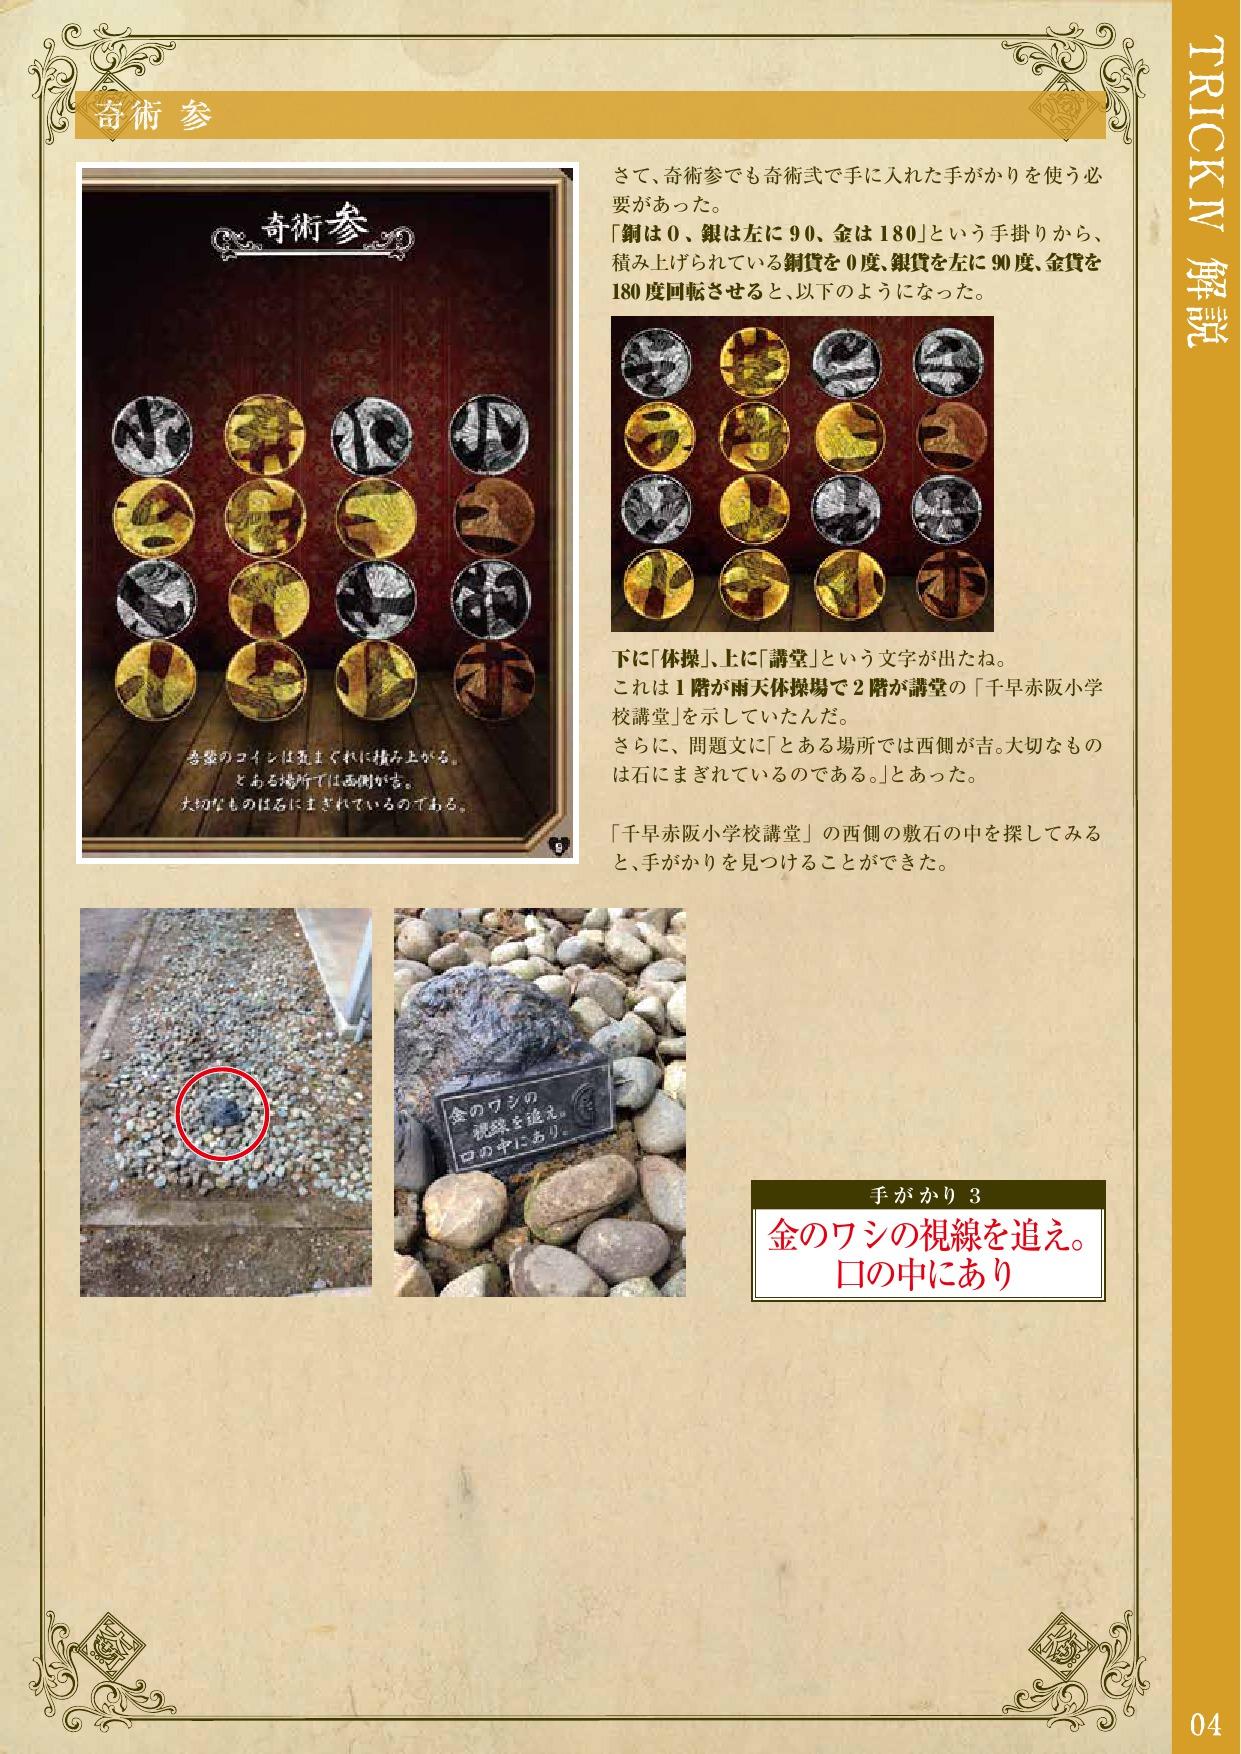 明治村探検隊のトリックⅣの解答 (4)